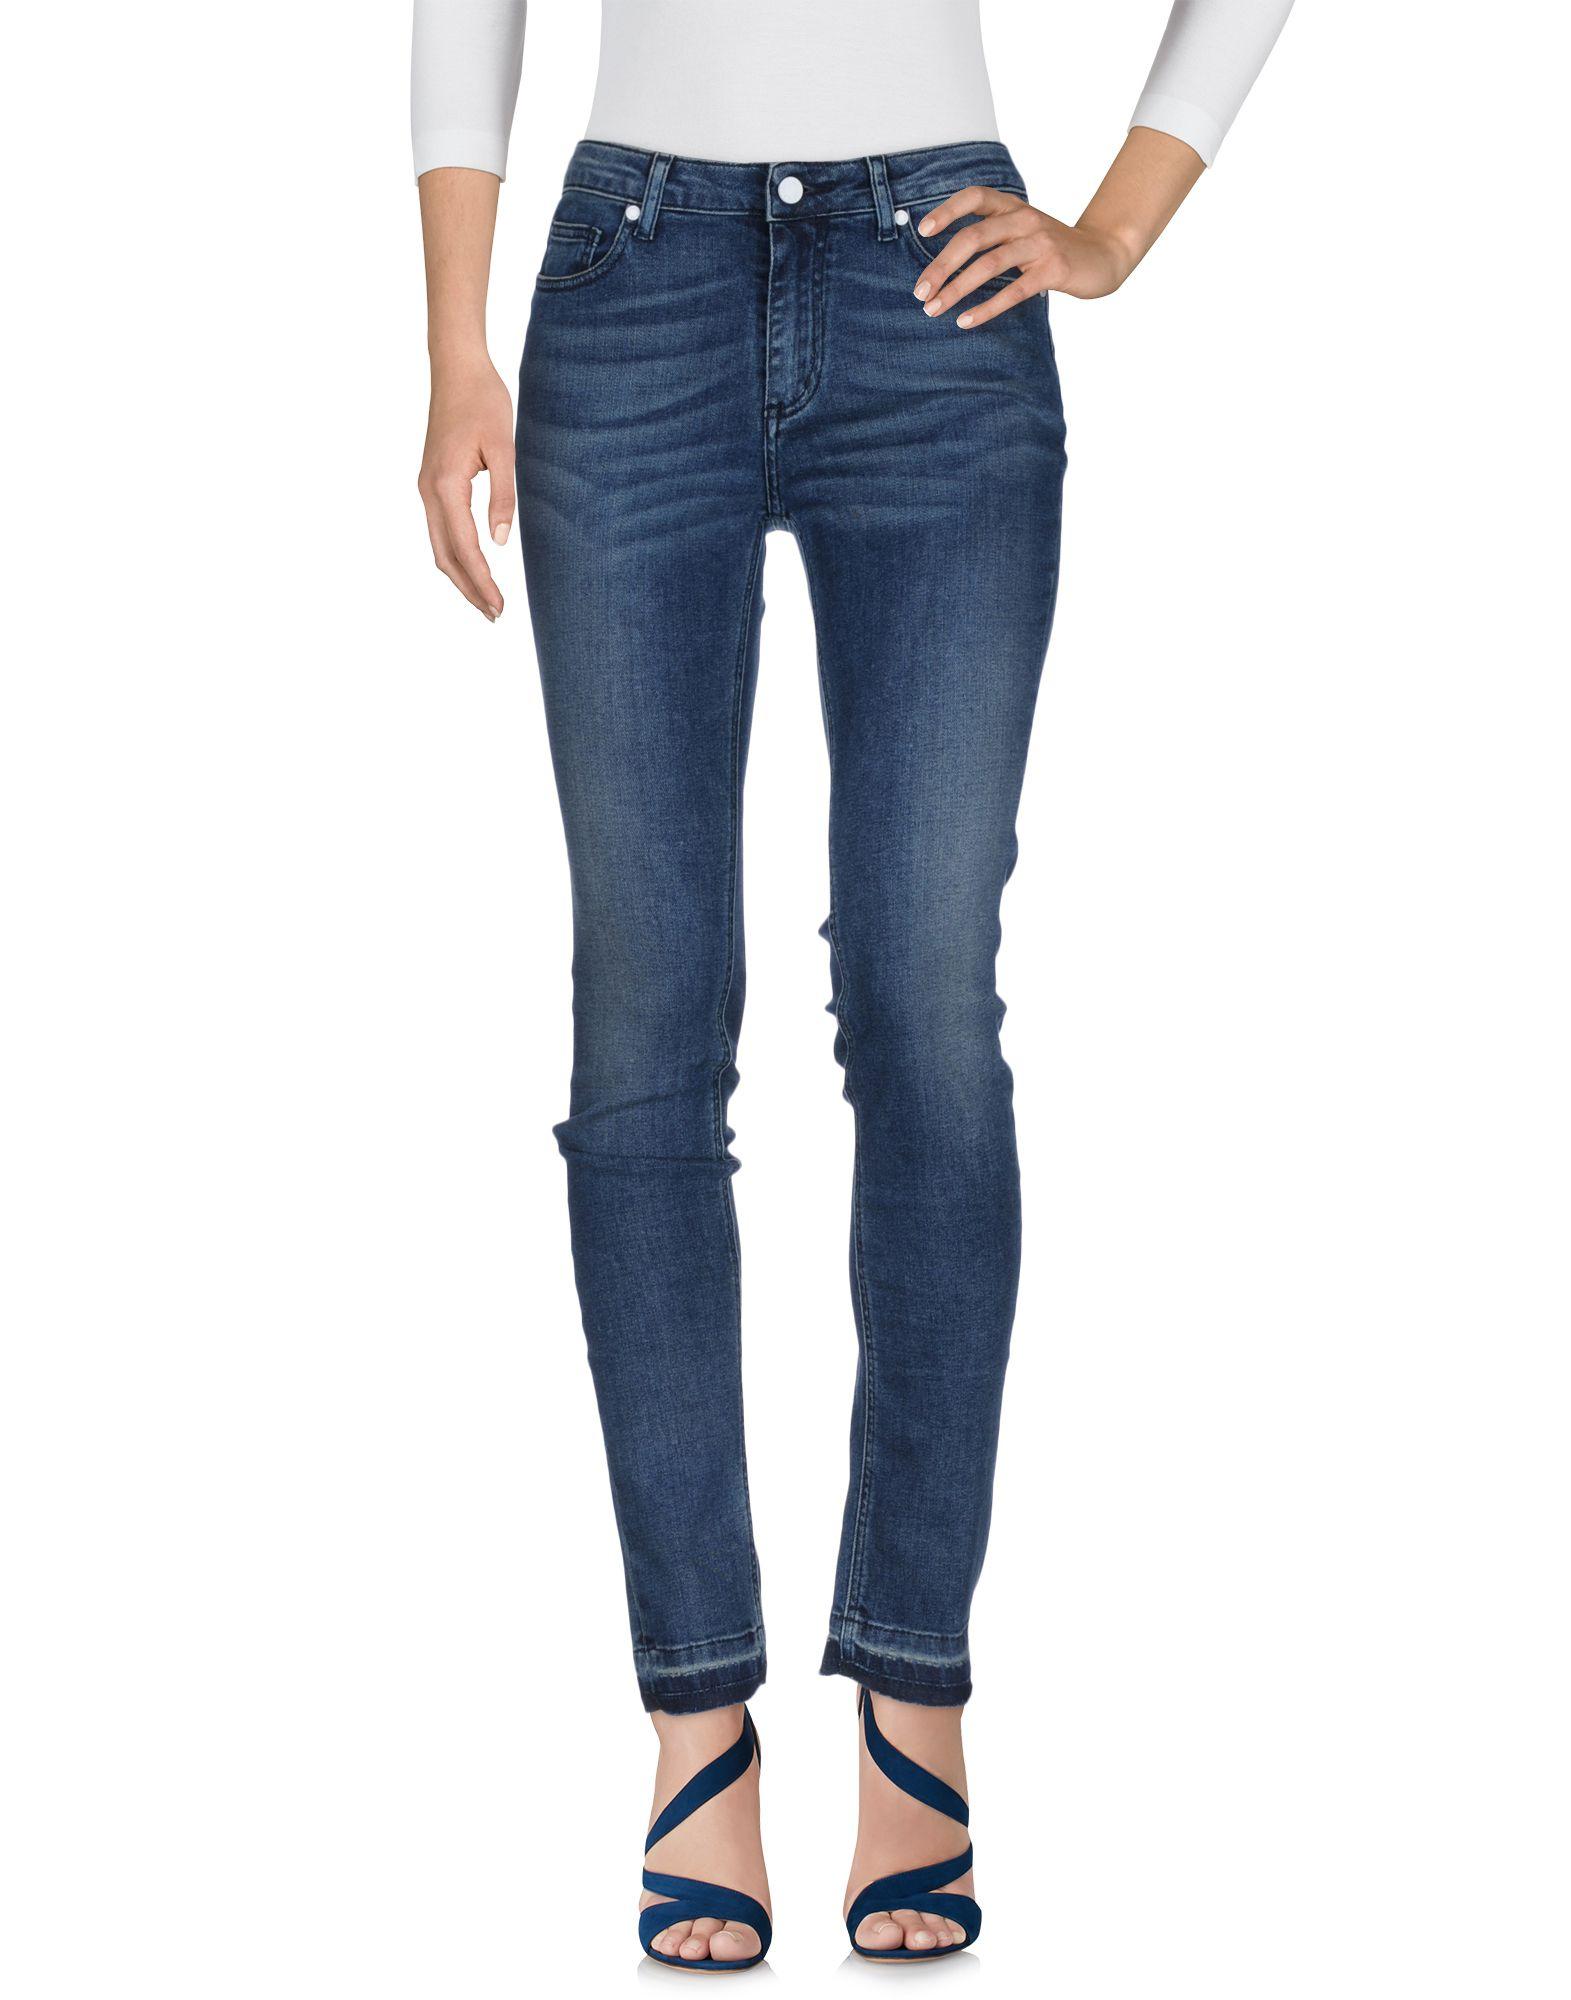 Pantalon en jean zadig & voltaire femme. bleu....